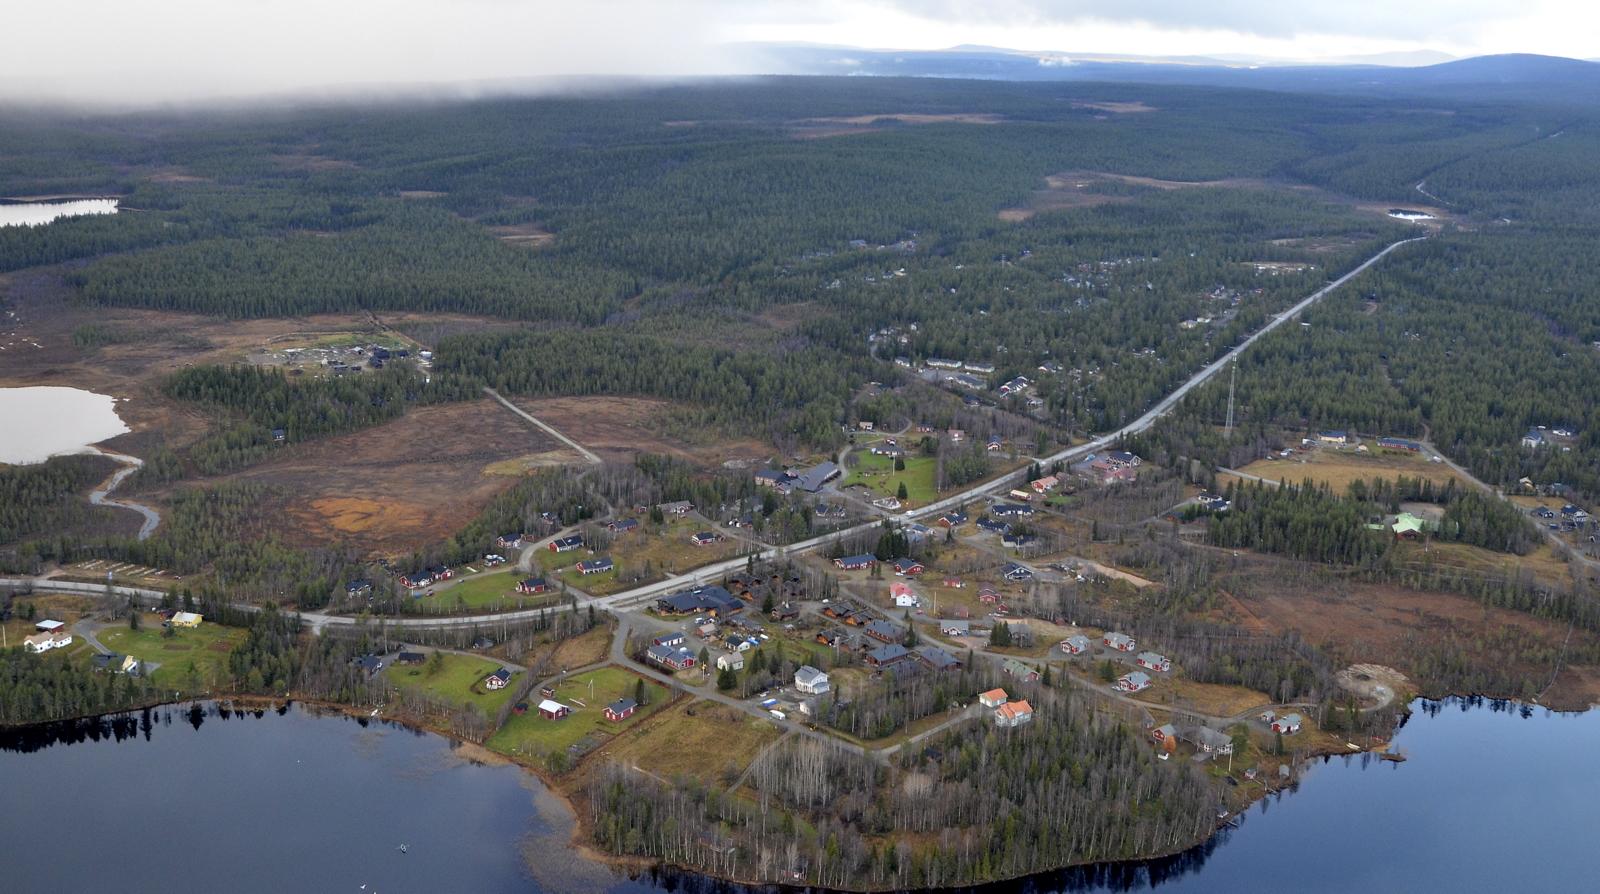 Tämä kuva Äkäslompolon yli pohjoiseen ja Riemuliiterin maisemiin. Taustalla Pallaksen huippuja ja vasemmalla sadepilvi, joka estää paluulennon vähäksi aikaa.